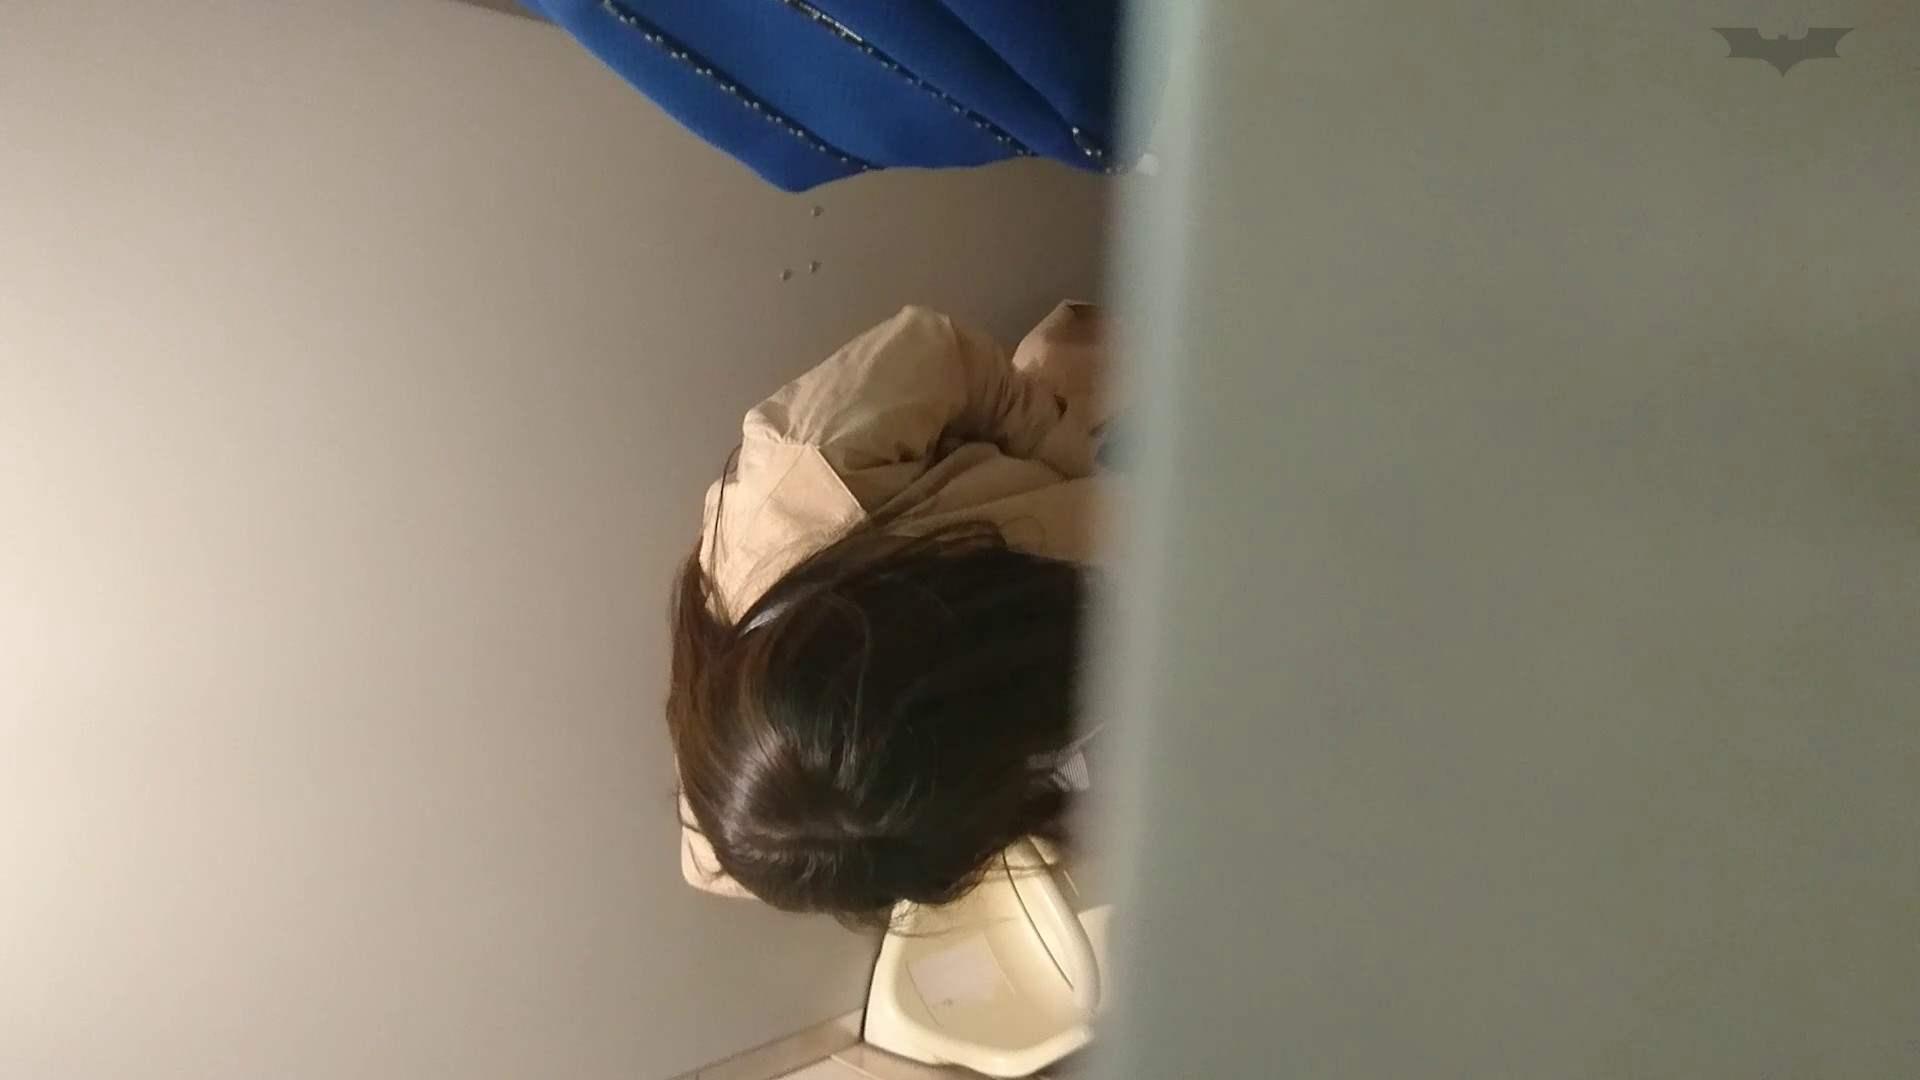 化粧室絵巻 ショッピングモール編 VOL.18 美肌  79PIX 11